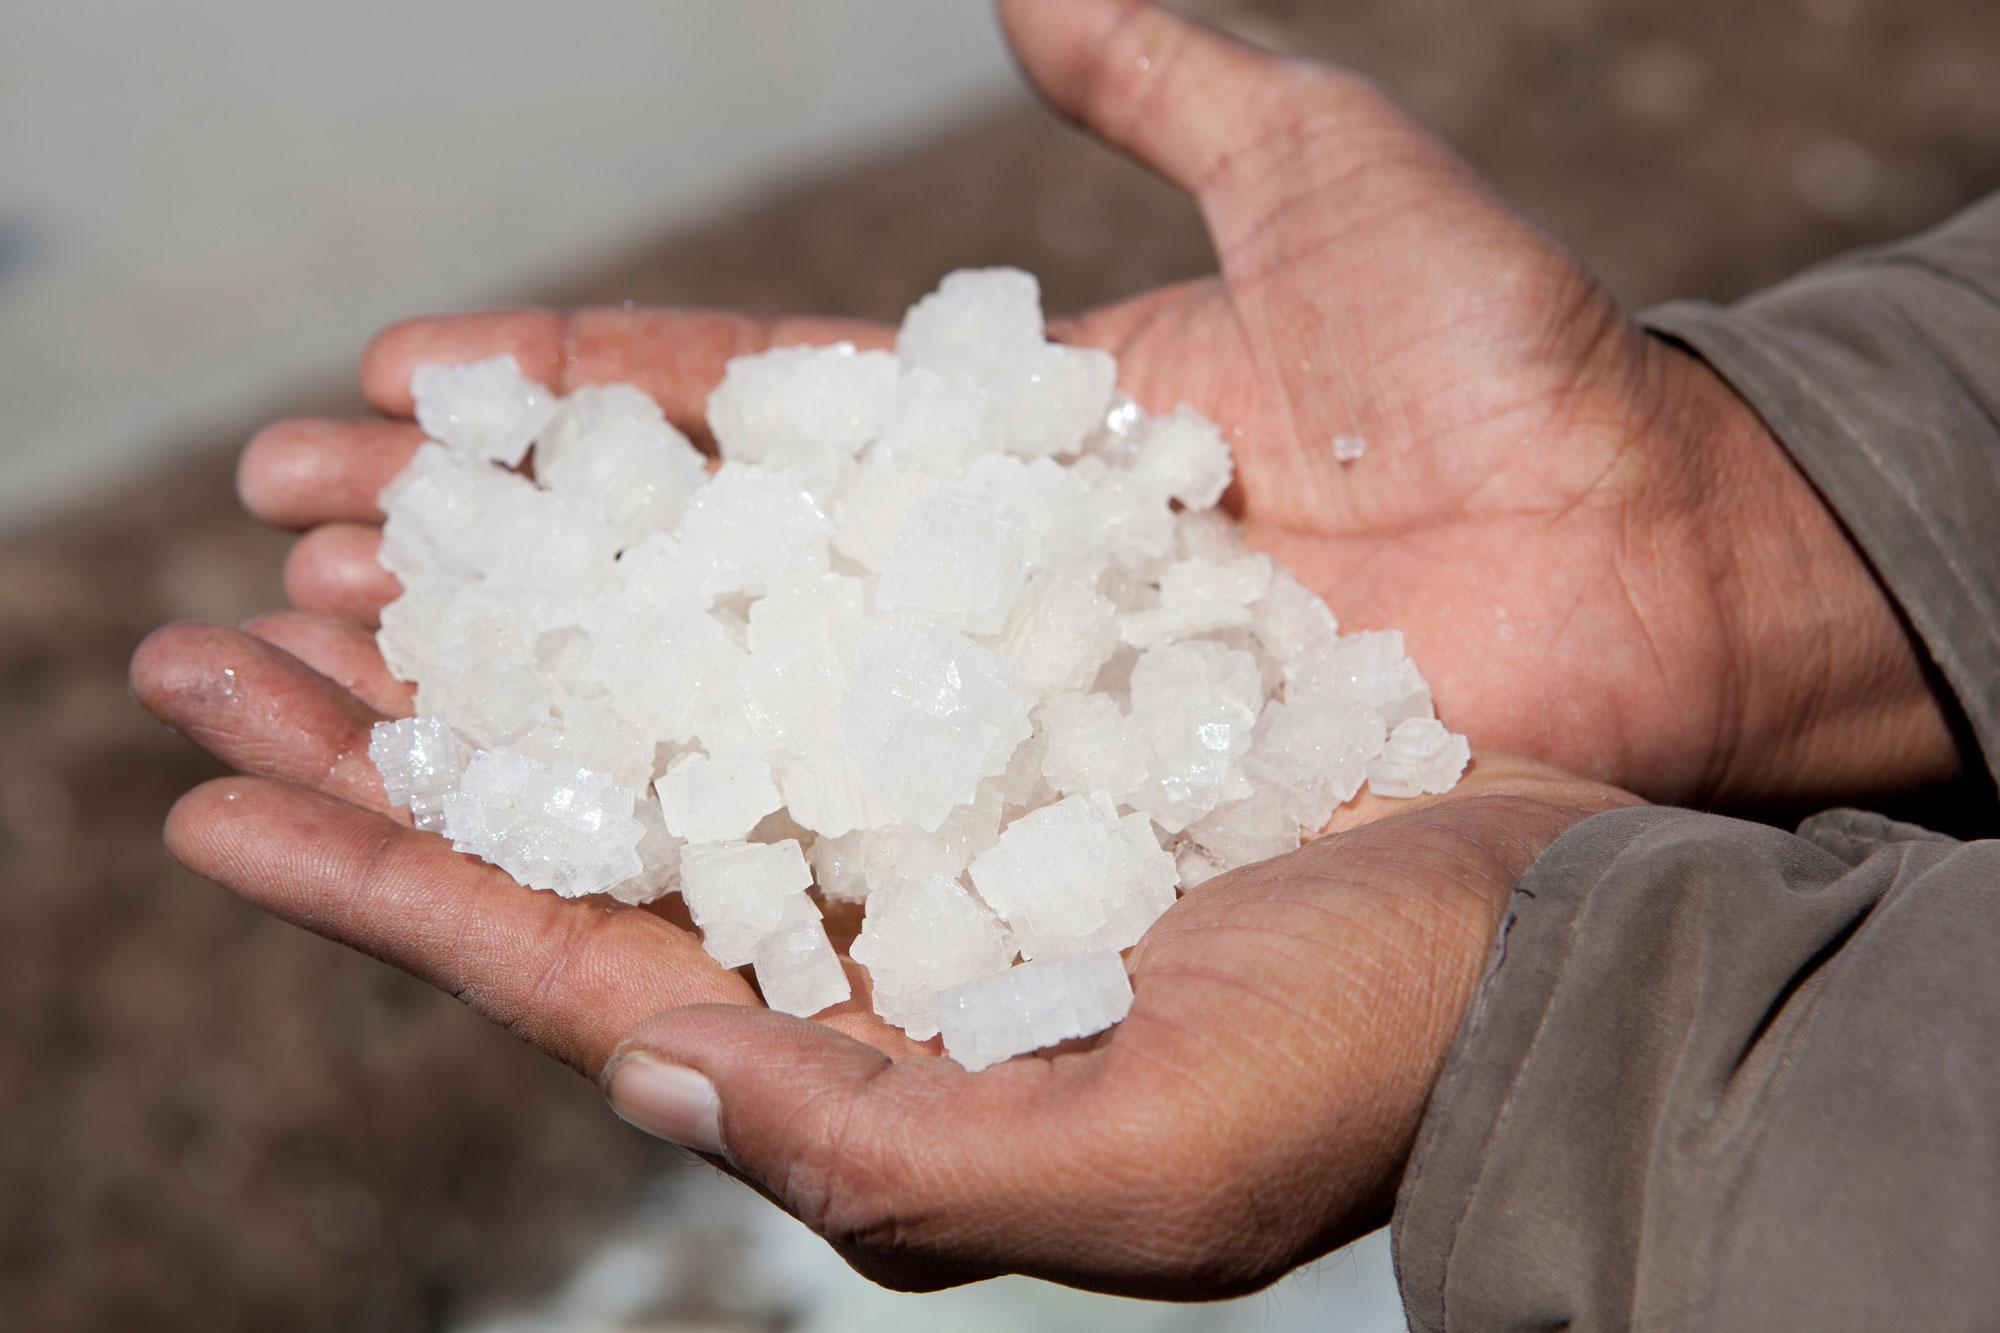 Salt in the hands of a salt farmer